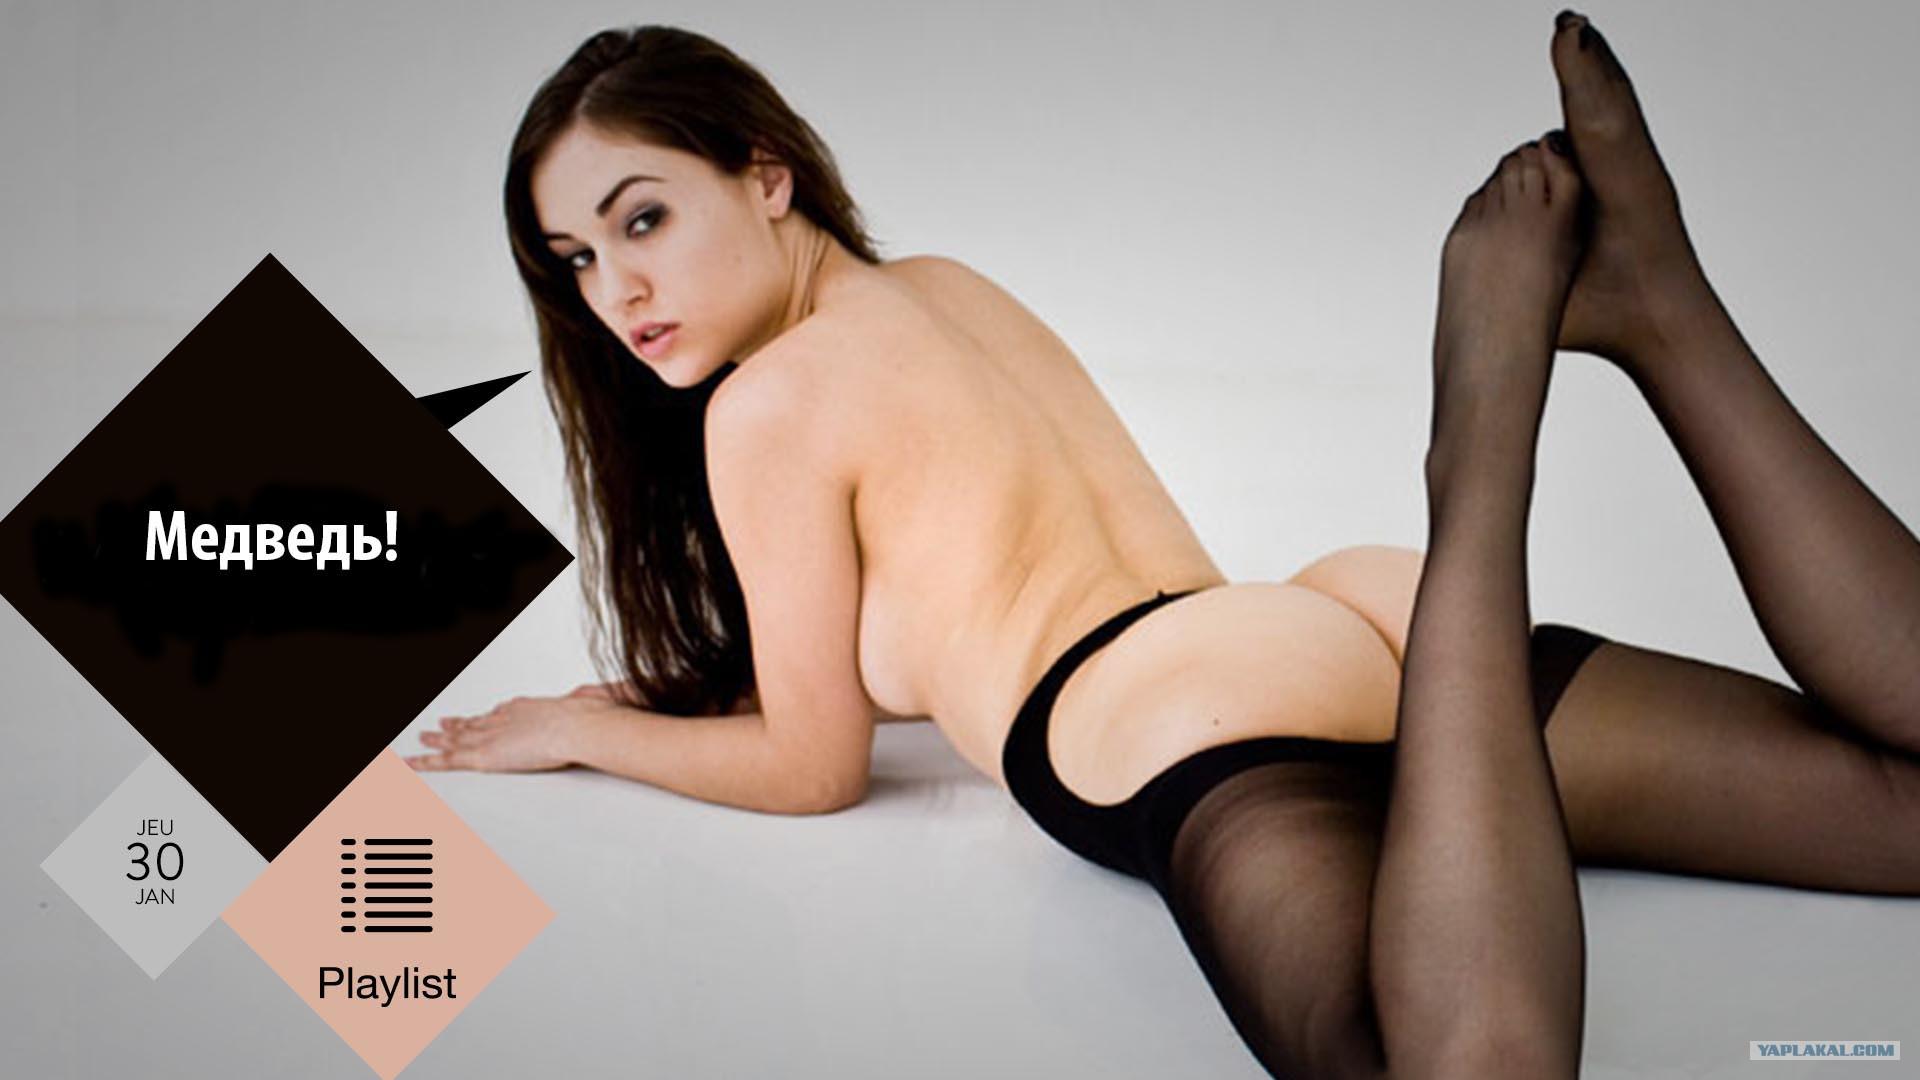 Тайское порно ответы 17 фотография